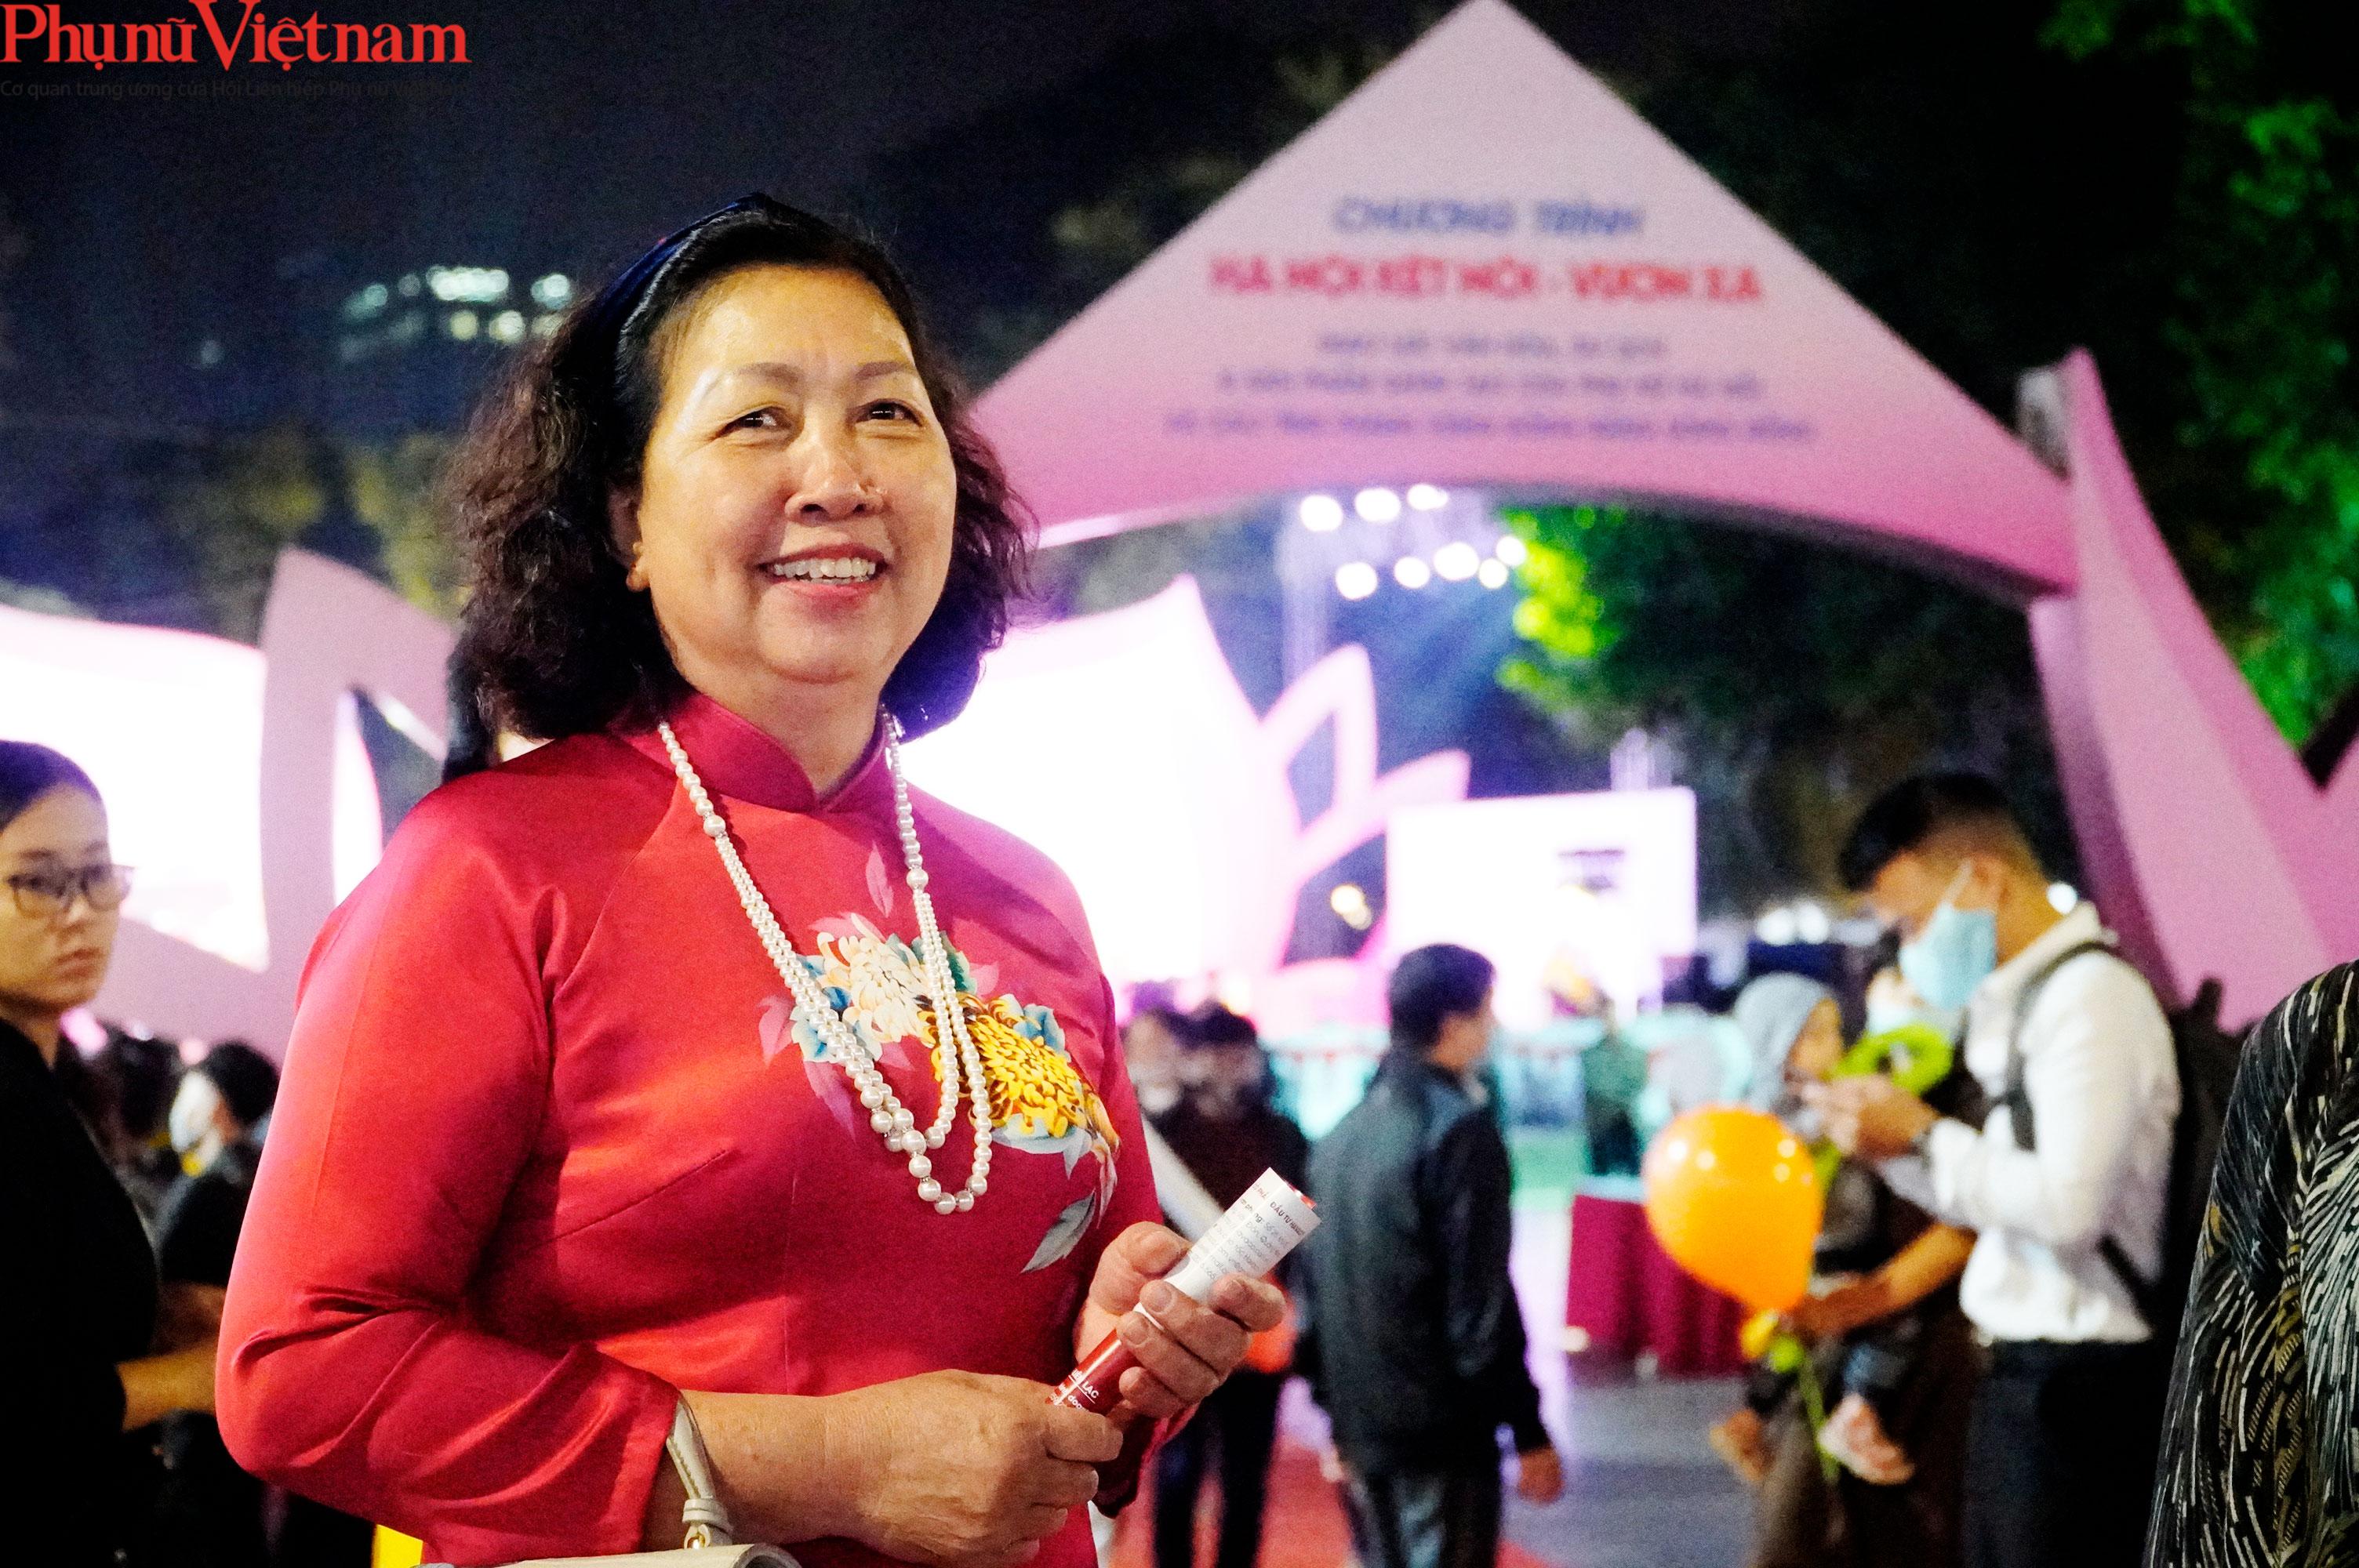 Phụ nữ Hà Nội giao lưu văn hóa, du lịch và sản phẩm sáng tạo với các tỉnh thành thuộc Đồng bằng sông Hồng - Ảnh 4.